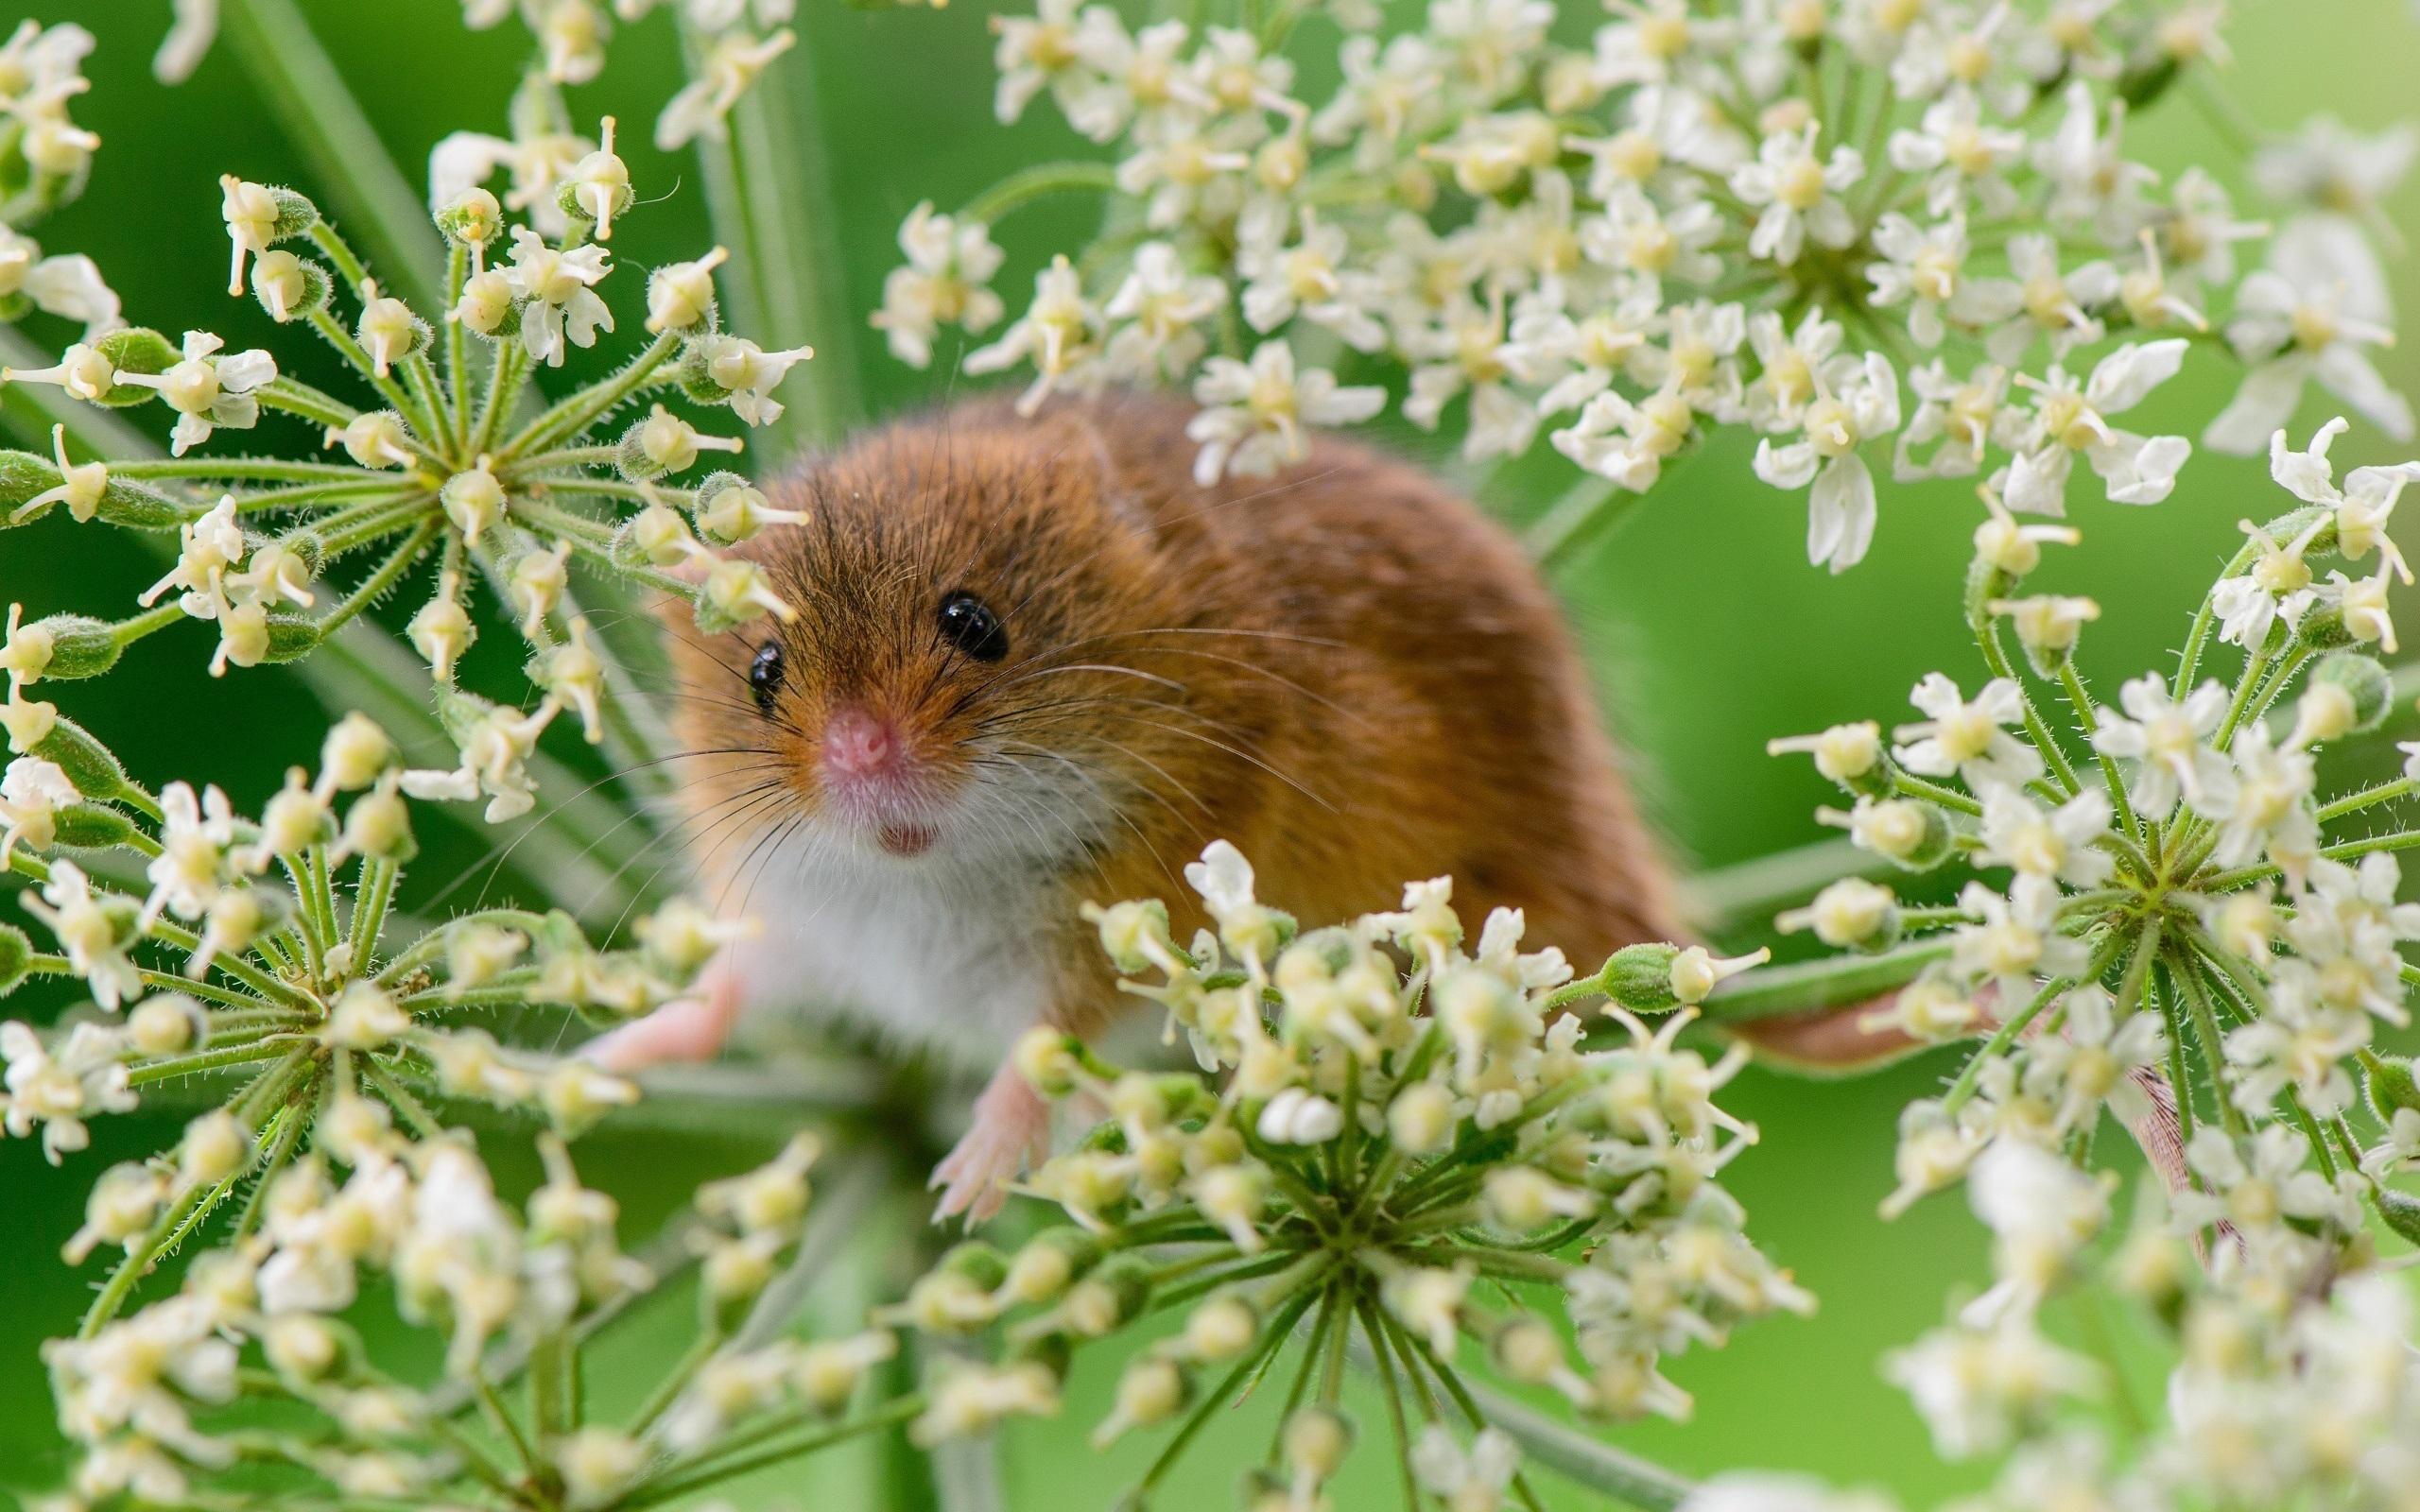 Kleine Maus in den Blumen 2560x1600 HD Hintergrundbilder, HD, Bild